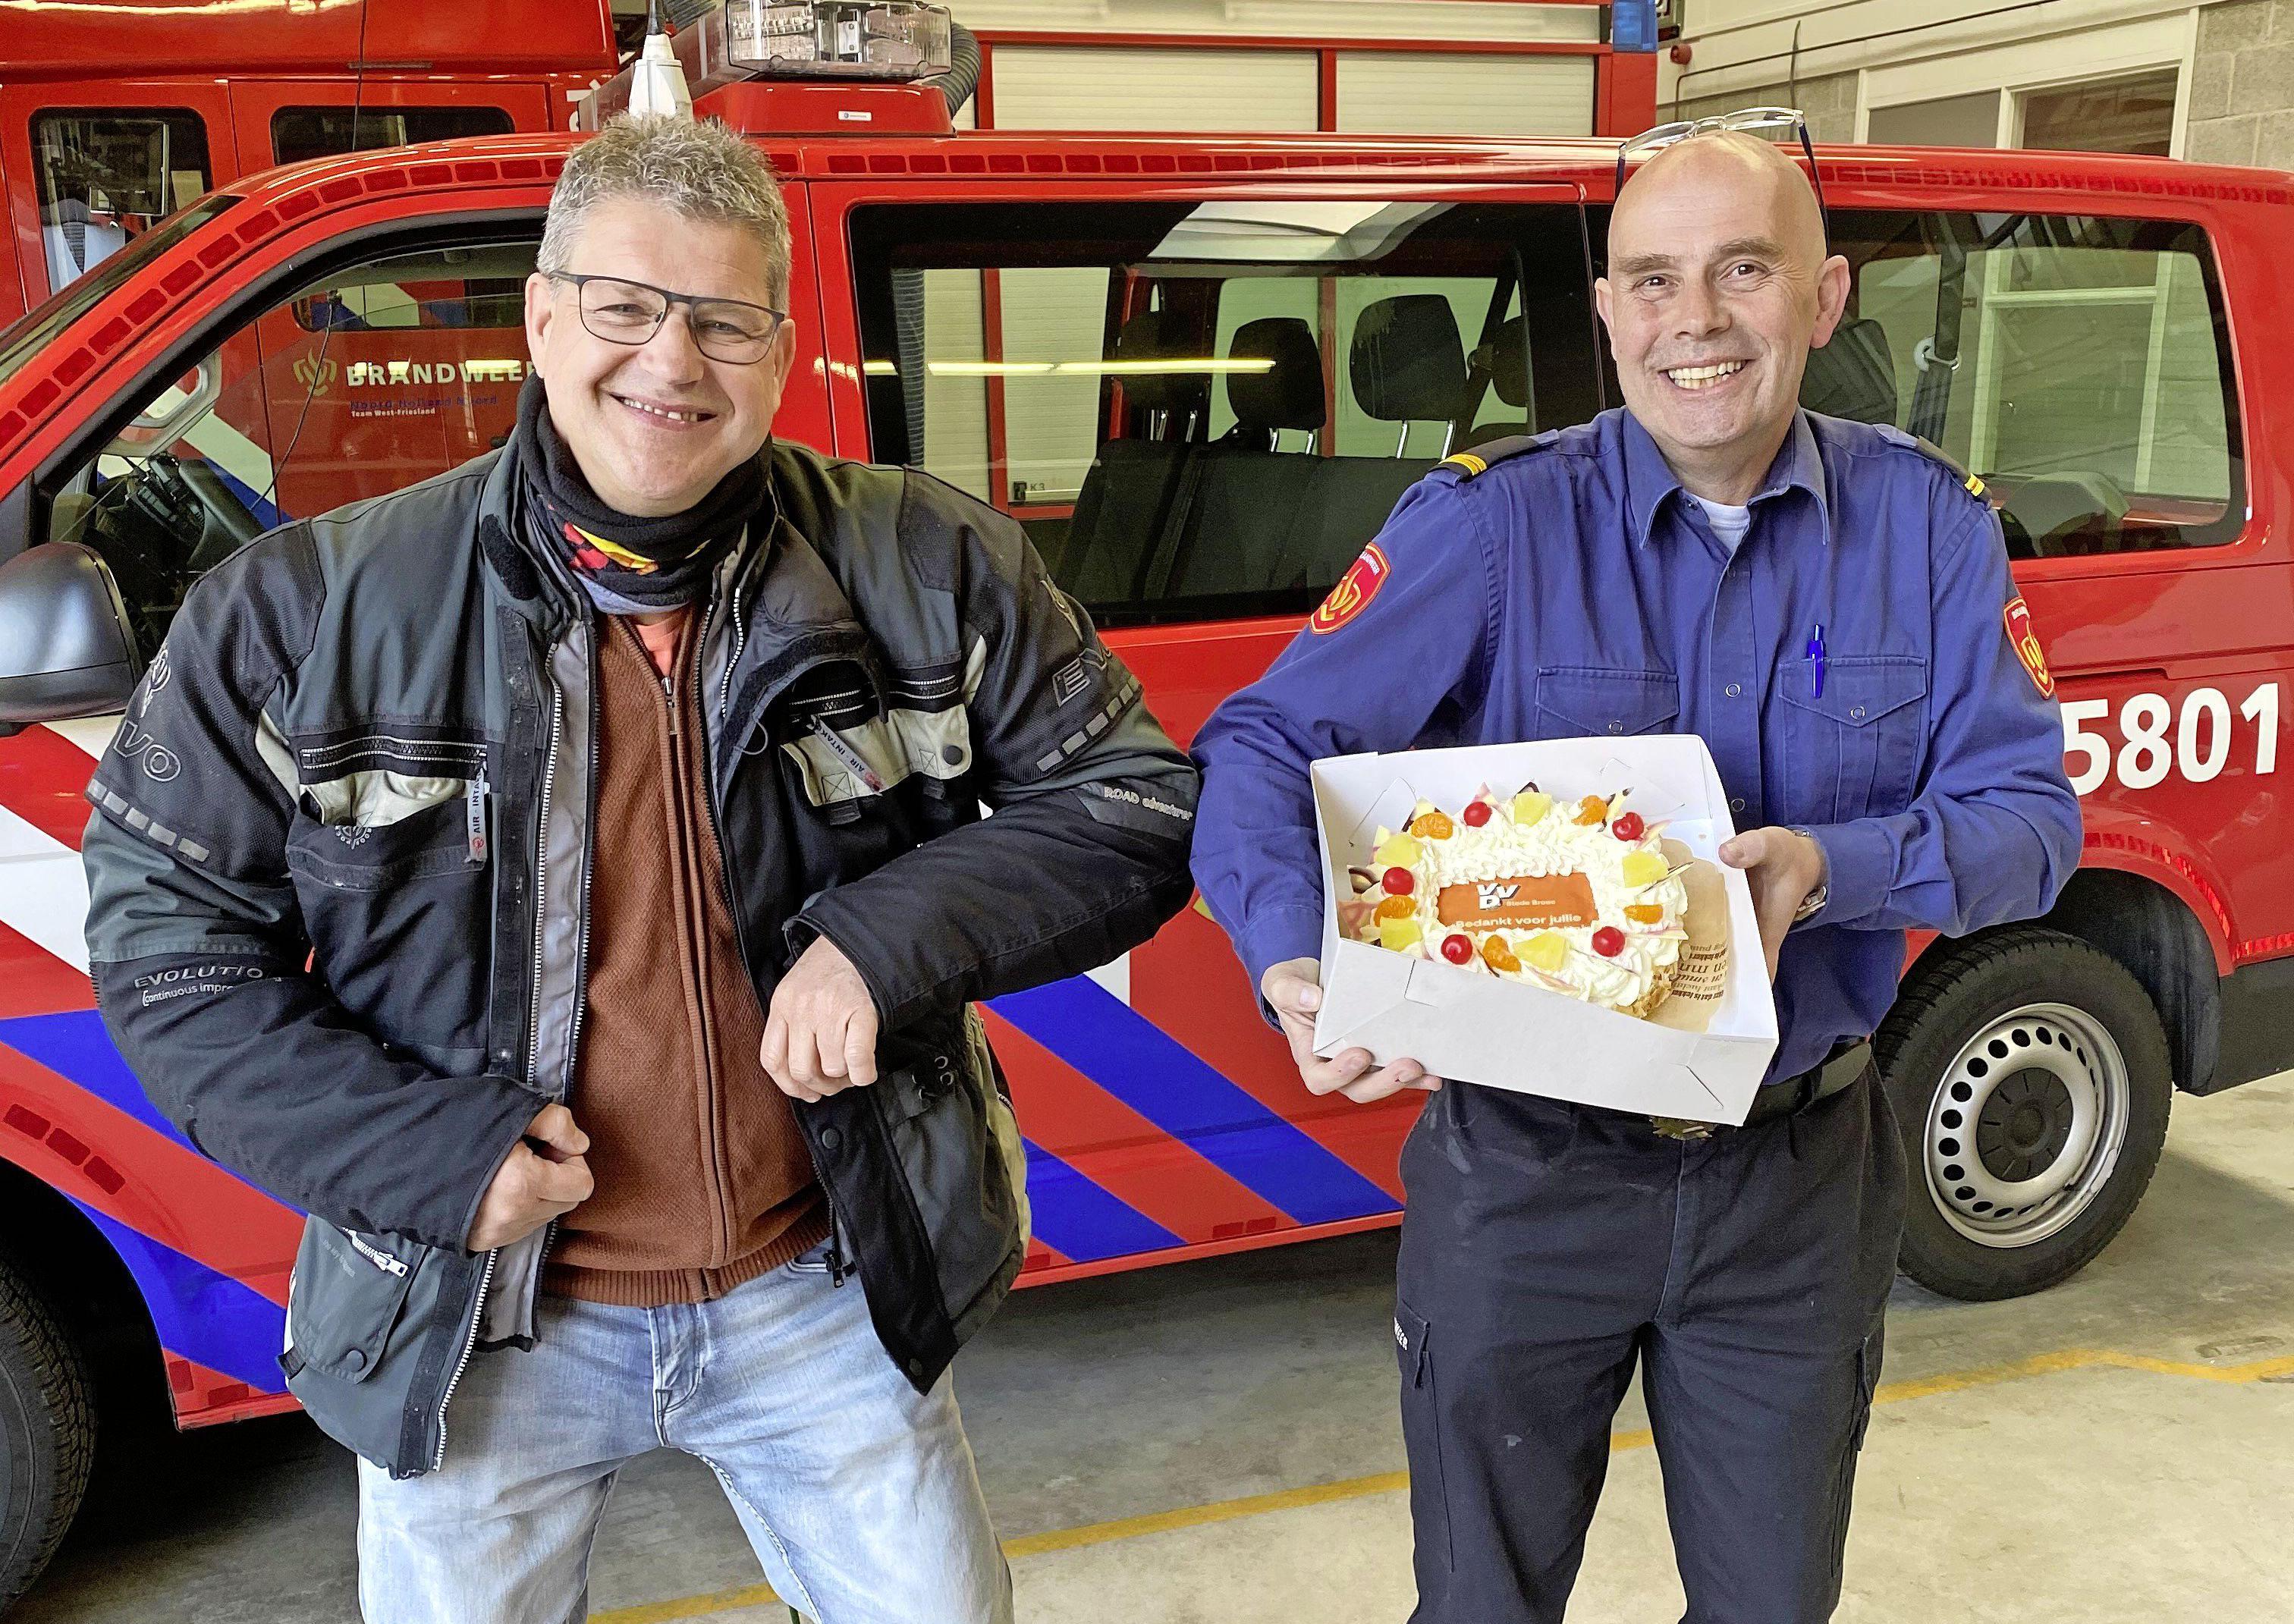 Liberale taart voor door brand getroffen molen Ceres en reparatiebedrijf Kooy, maar dan natuurlijk óók voor de brandweer